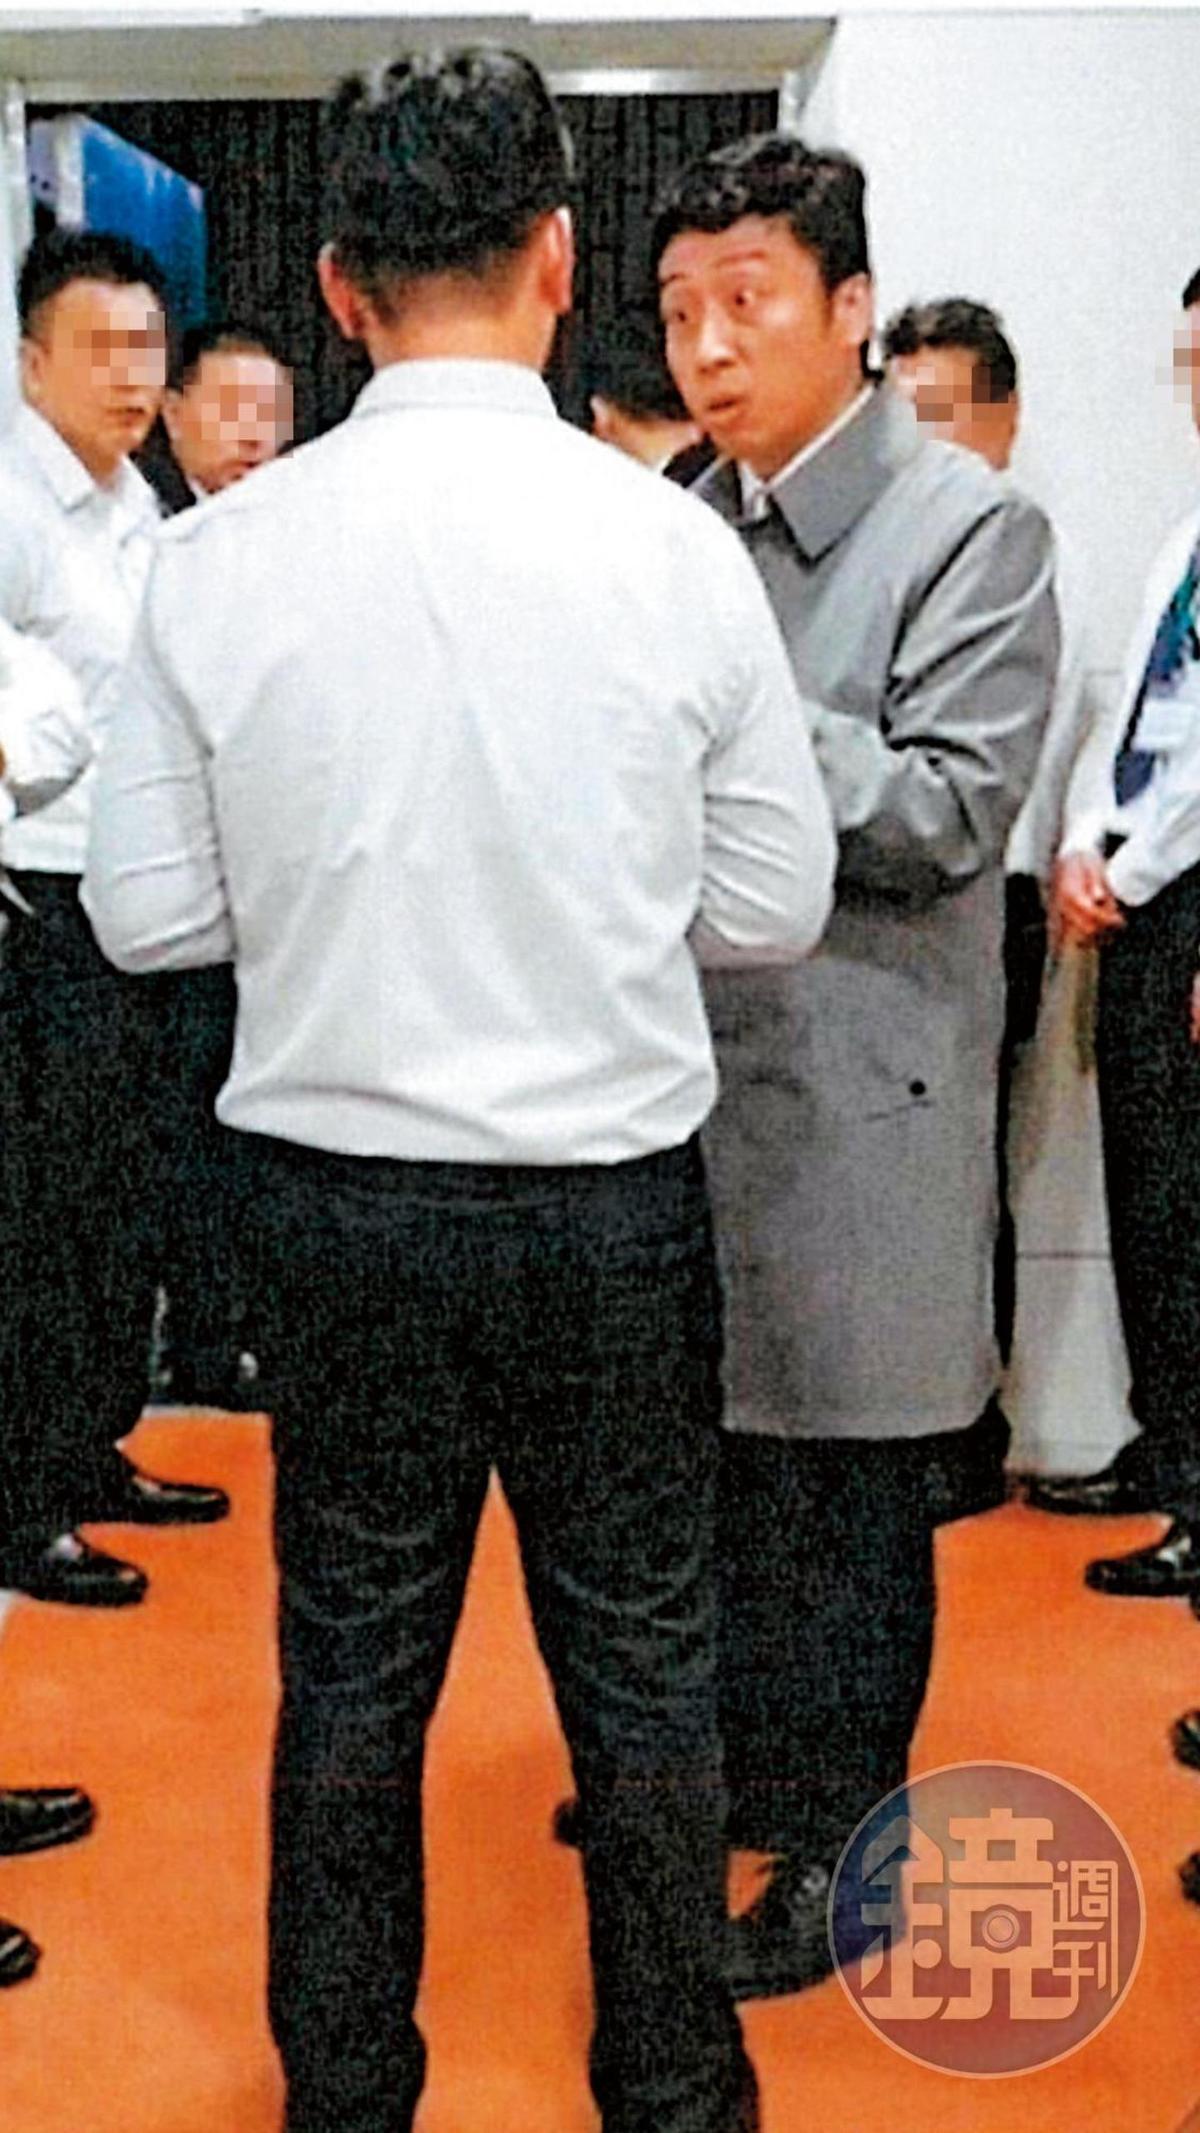 張國政連襟謝國獻去年12月想闖入張榮發(文教)基金會董事會場,遭保全勸阻。(讀者提供)